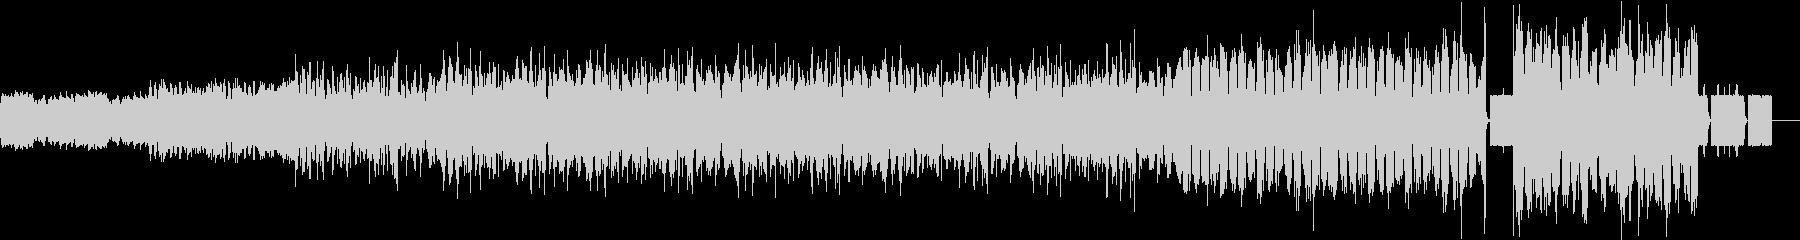 著作権フリーの洋楽を使用したい方にの未再生の波形